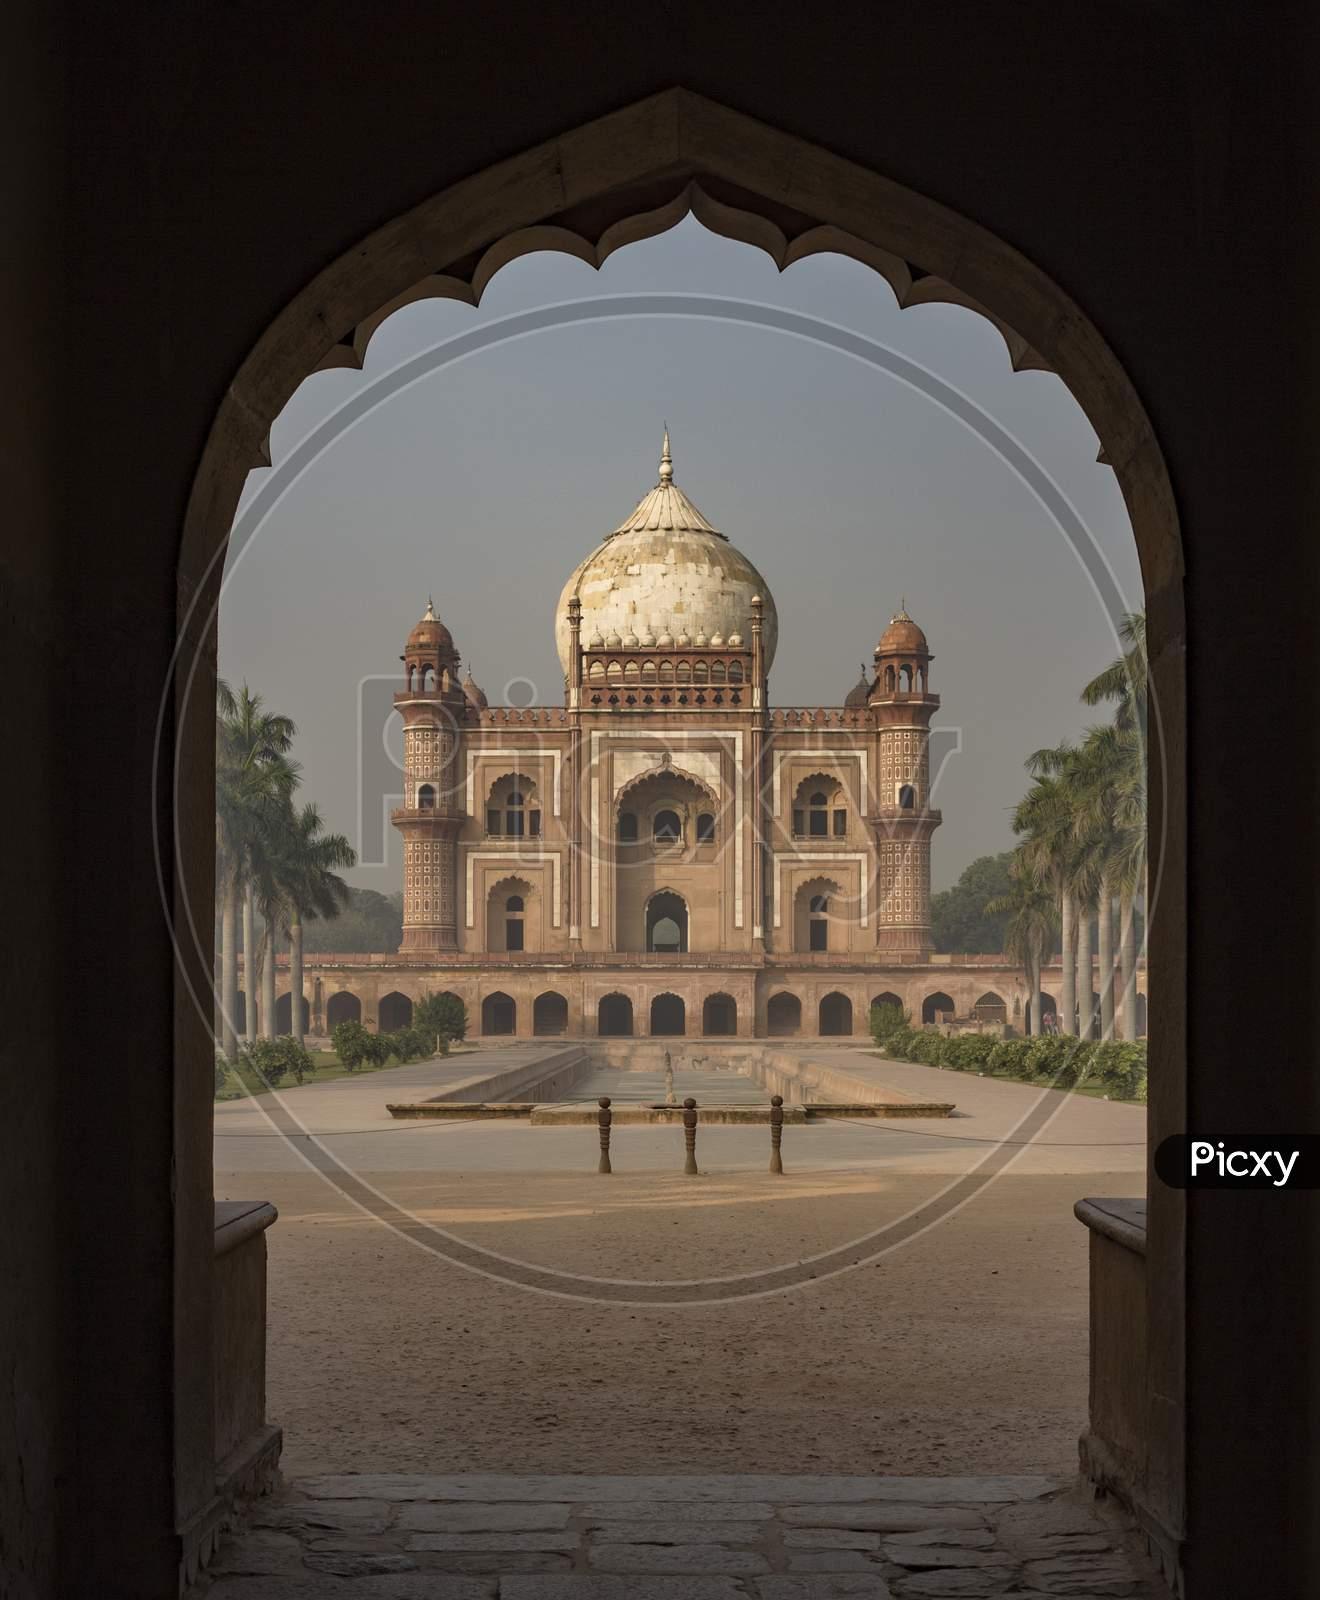 A general view of Safdurjung Tomb in New Delhi.